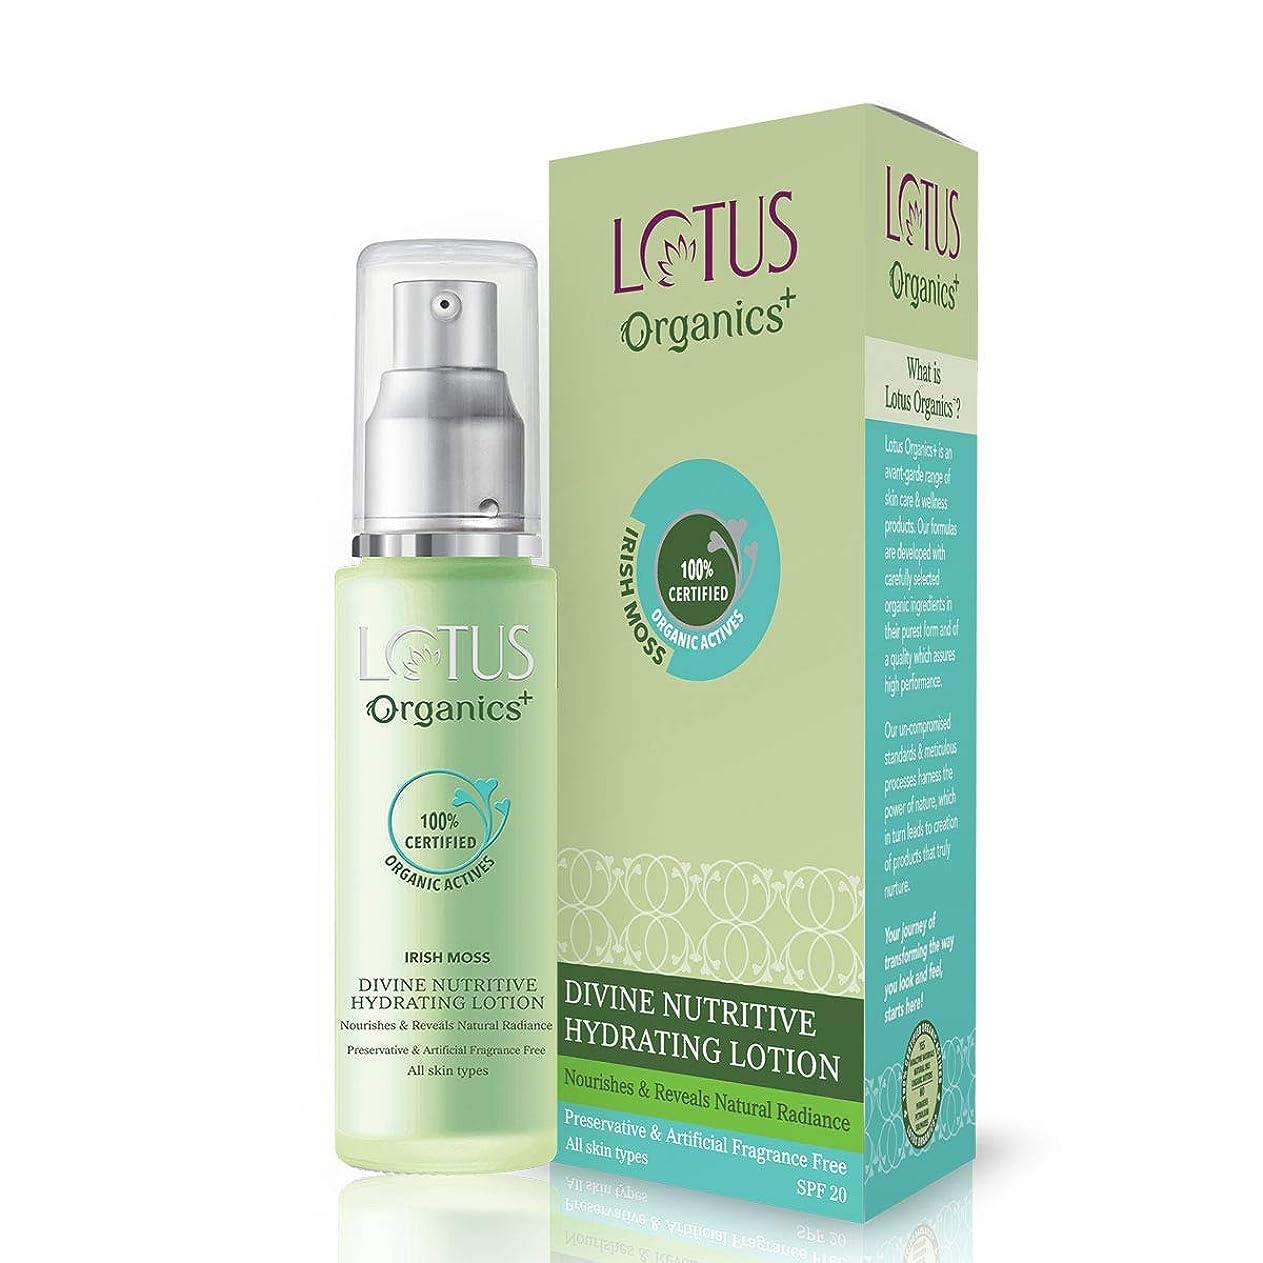 叱るバン麻痺Lotus Organics+ Divine Nutritive Hydrating Lotion Spf20, 50 g